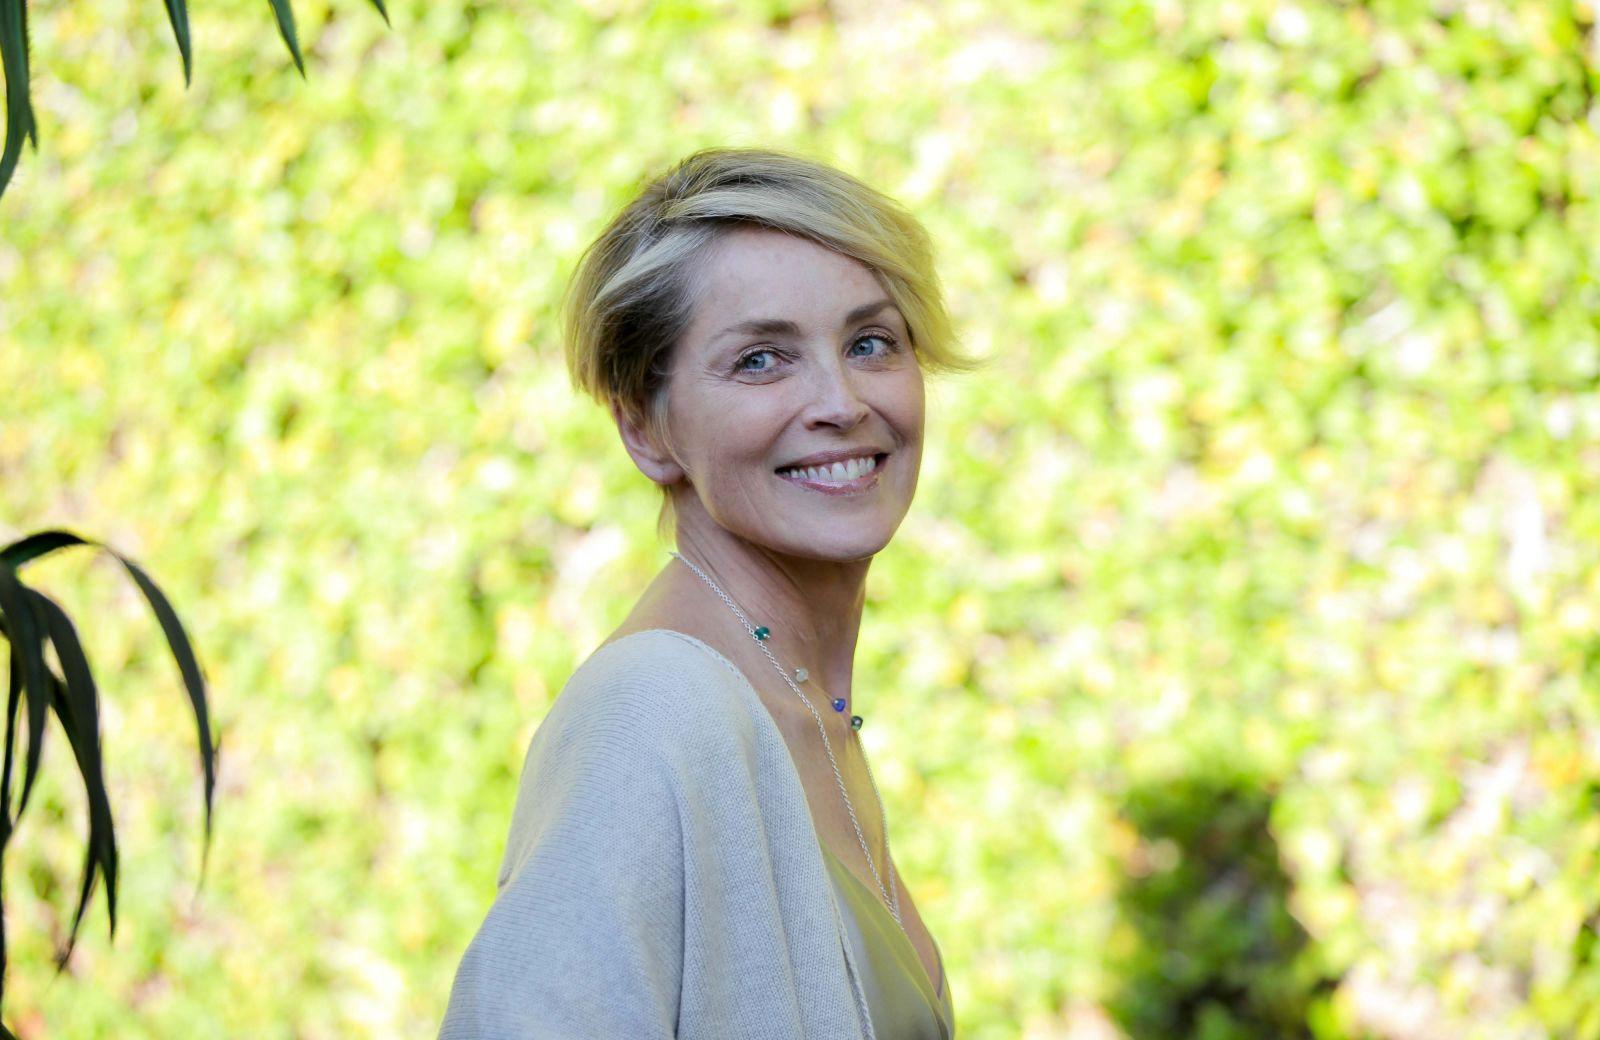 10 звезд, которые умеют стареть красиво (ФОТО)